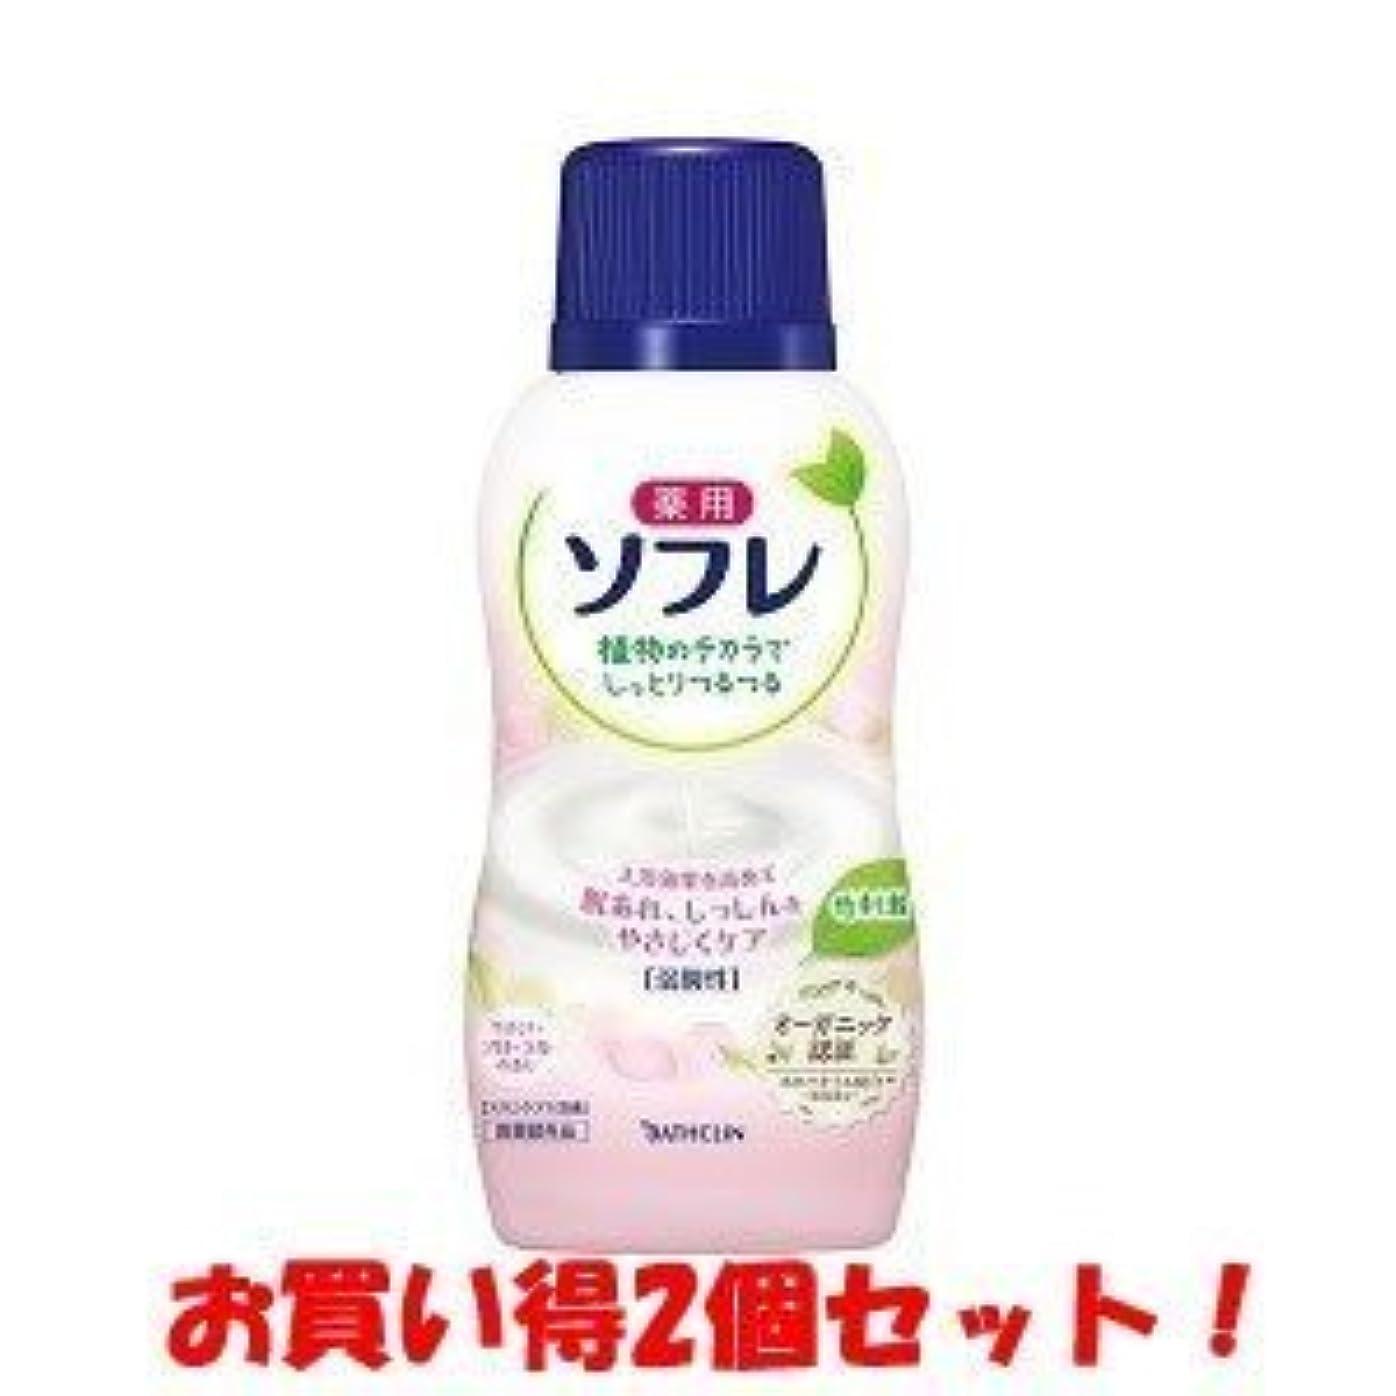 見えないプラグ広げる(バスクリン)薬用ソフレ スキンケア入浴液 やさしいフローラル香り 720ml(医薬部外品)(お買い得2個セット)